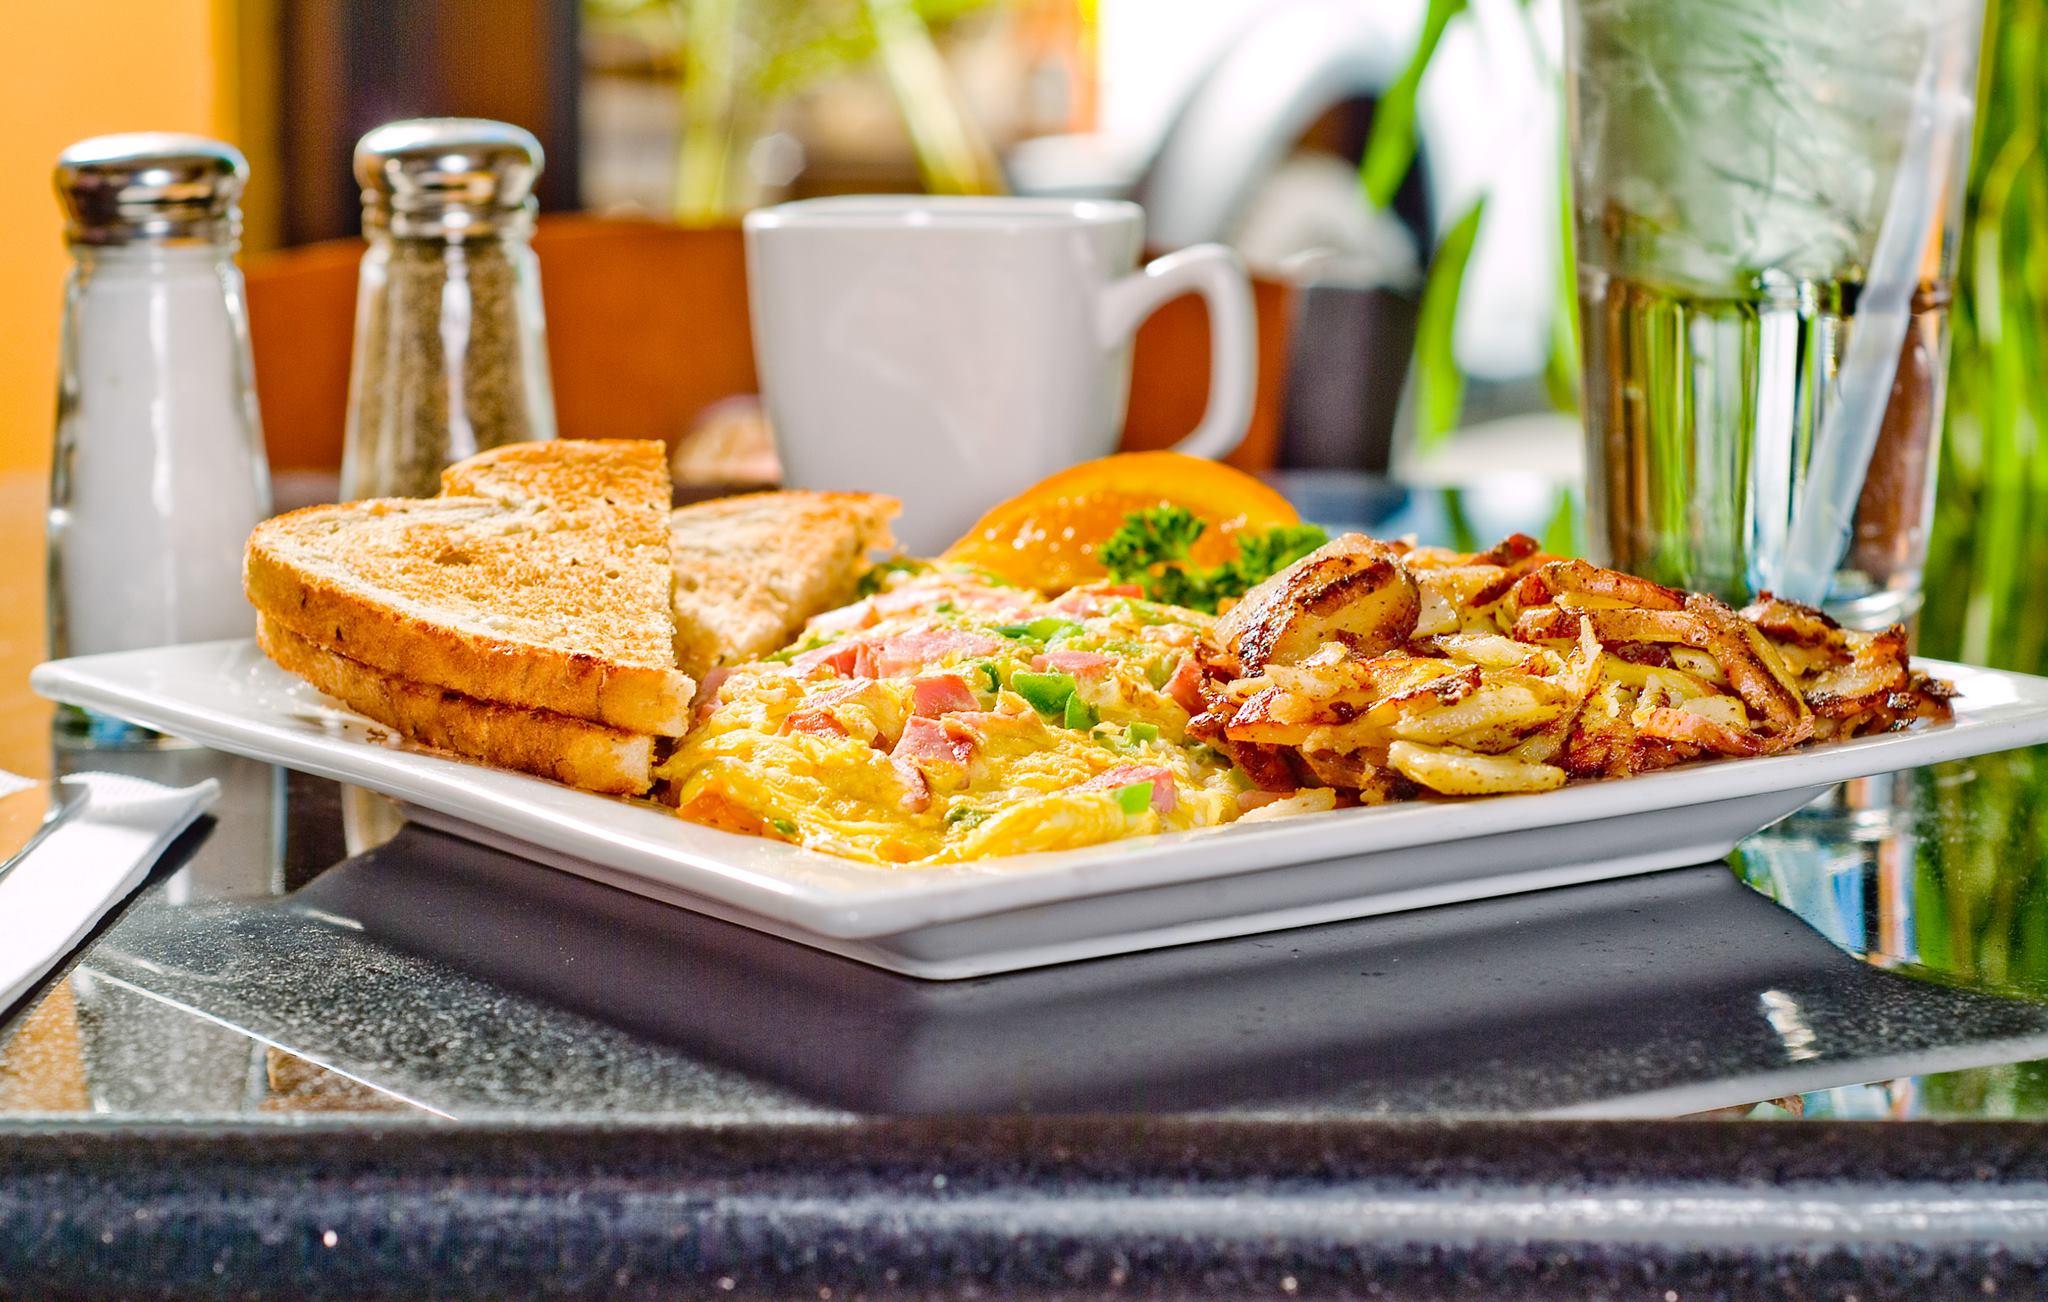 Keke's Breakfast Cafe Lutz catering